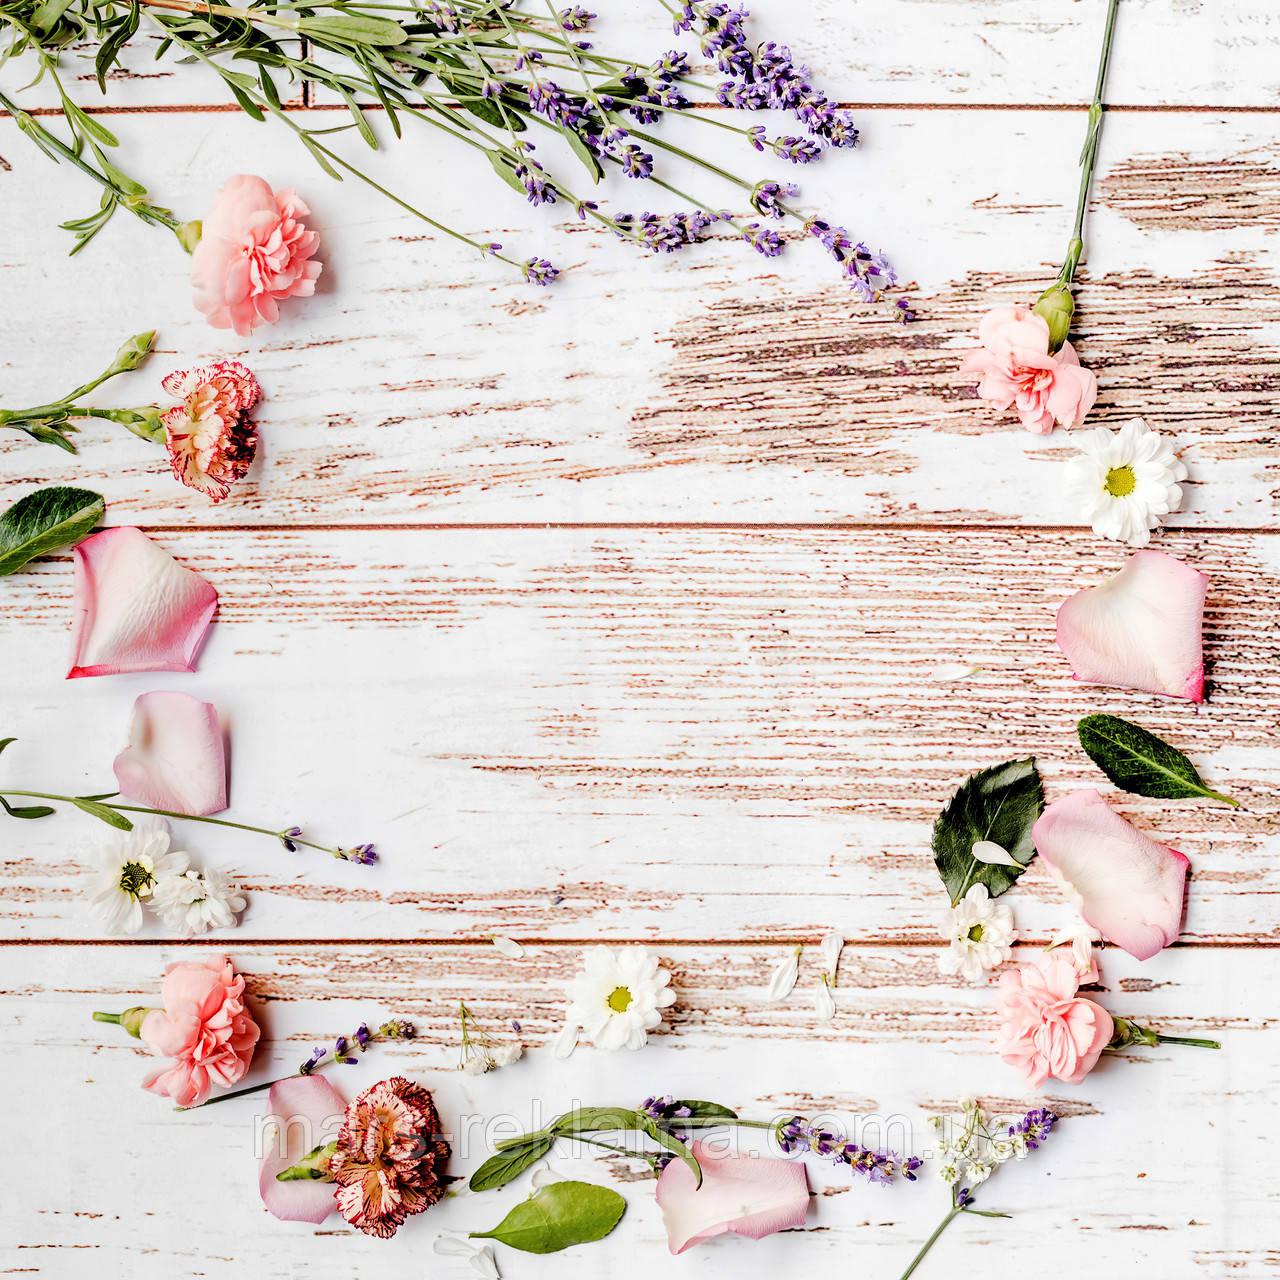 Виниловый фон (фотофон) студийный для предметной съемки. Деревянные доски. Цветы гвоздика лепестки. Белый